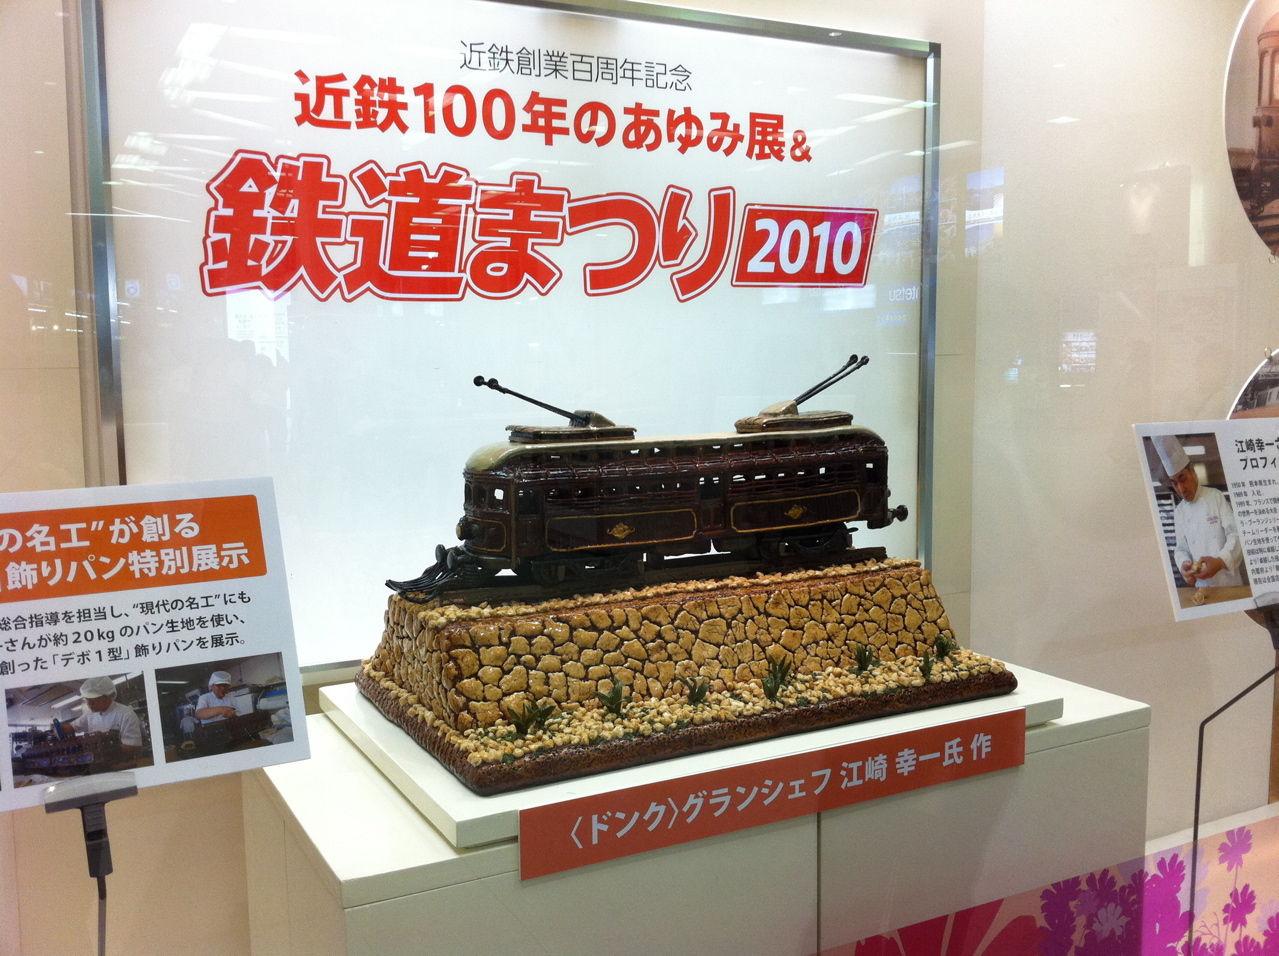 近鉄100年のあゆみ展&鉄道まつり2010